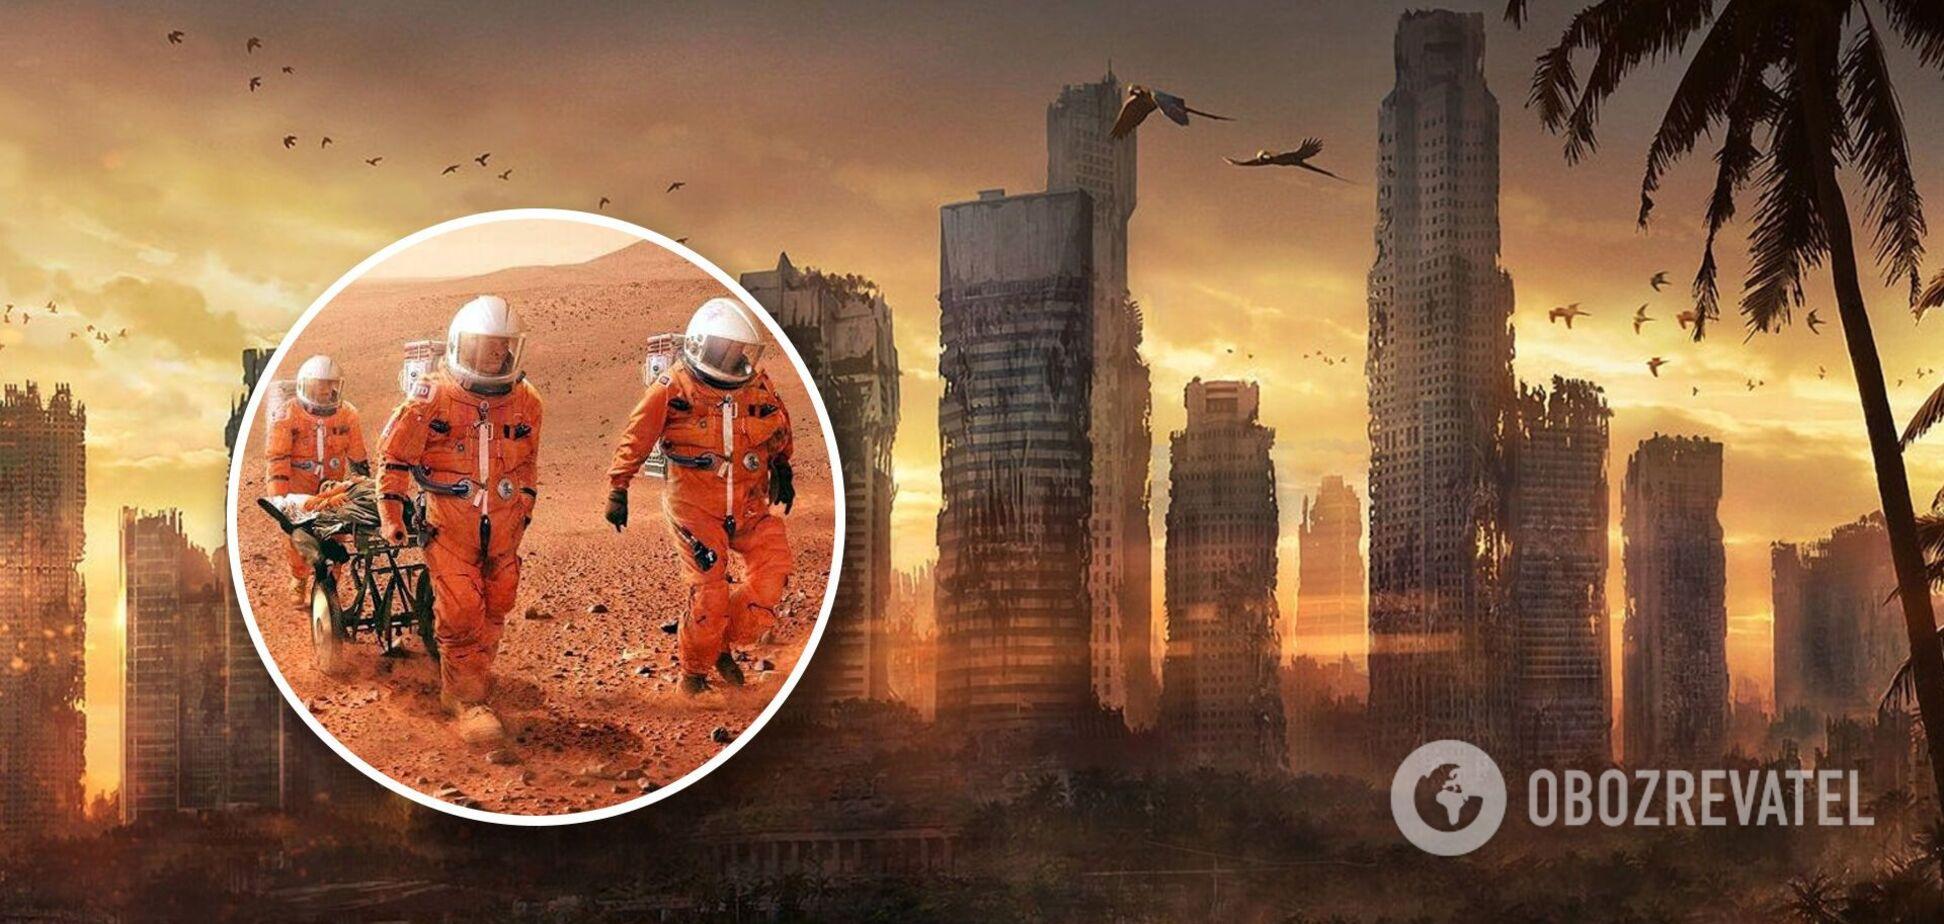 Впереди войны за еду и переселение на другую планету? ООН объявила о приближении 'апокалипсиса'